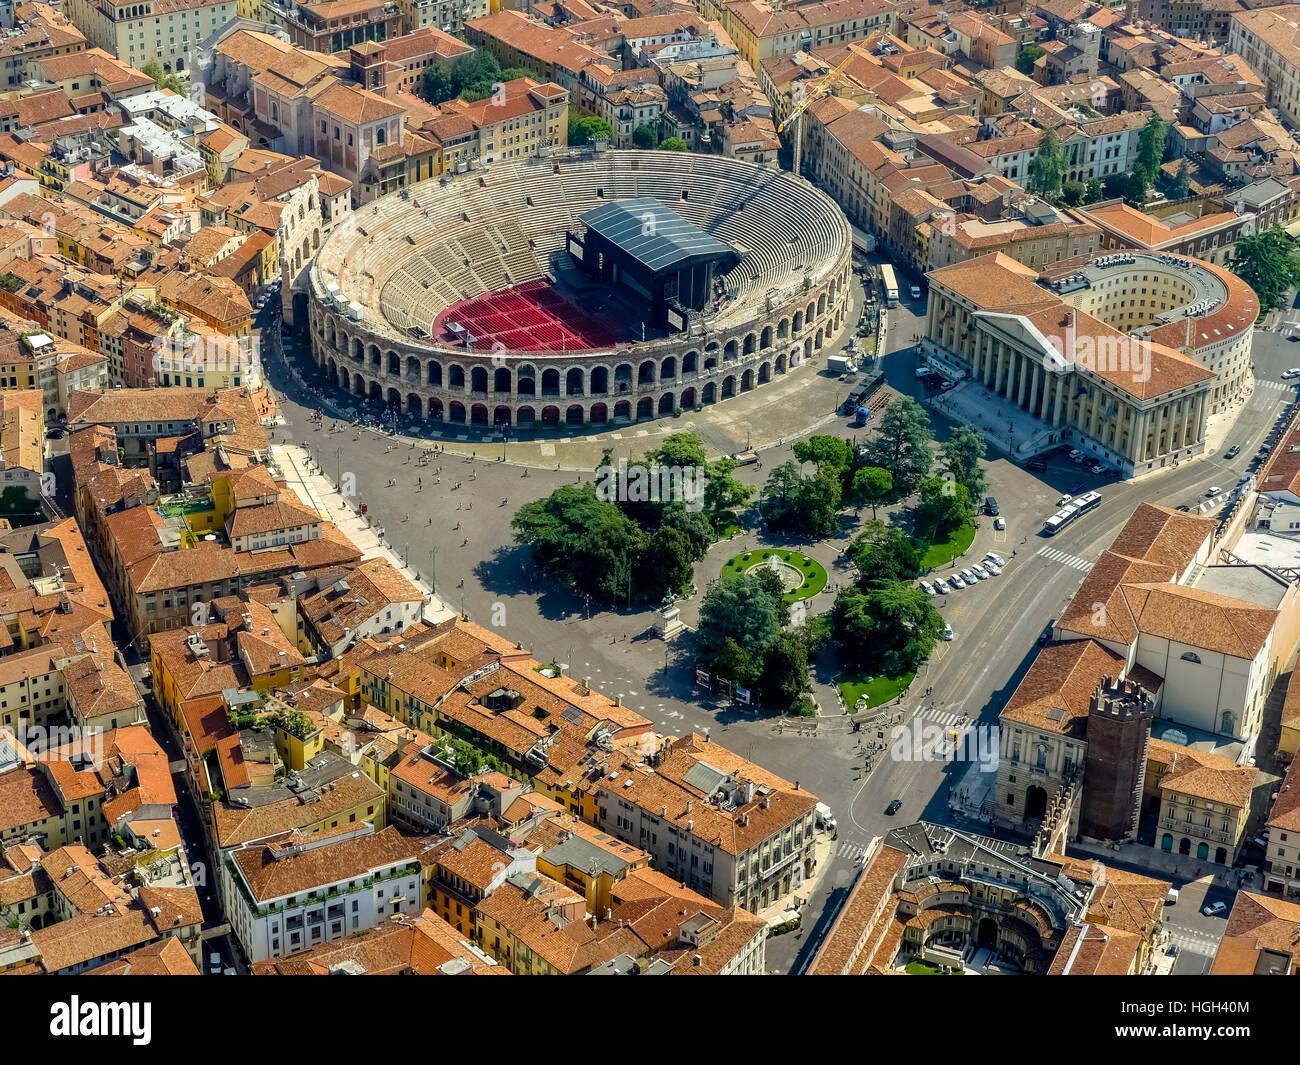 Stadtzentrum mit Arena di Verona, Venetien, Veneto, Italien Stockbild